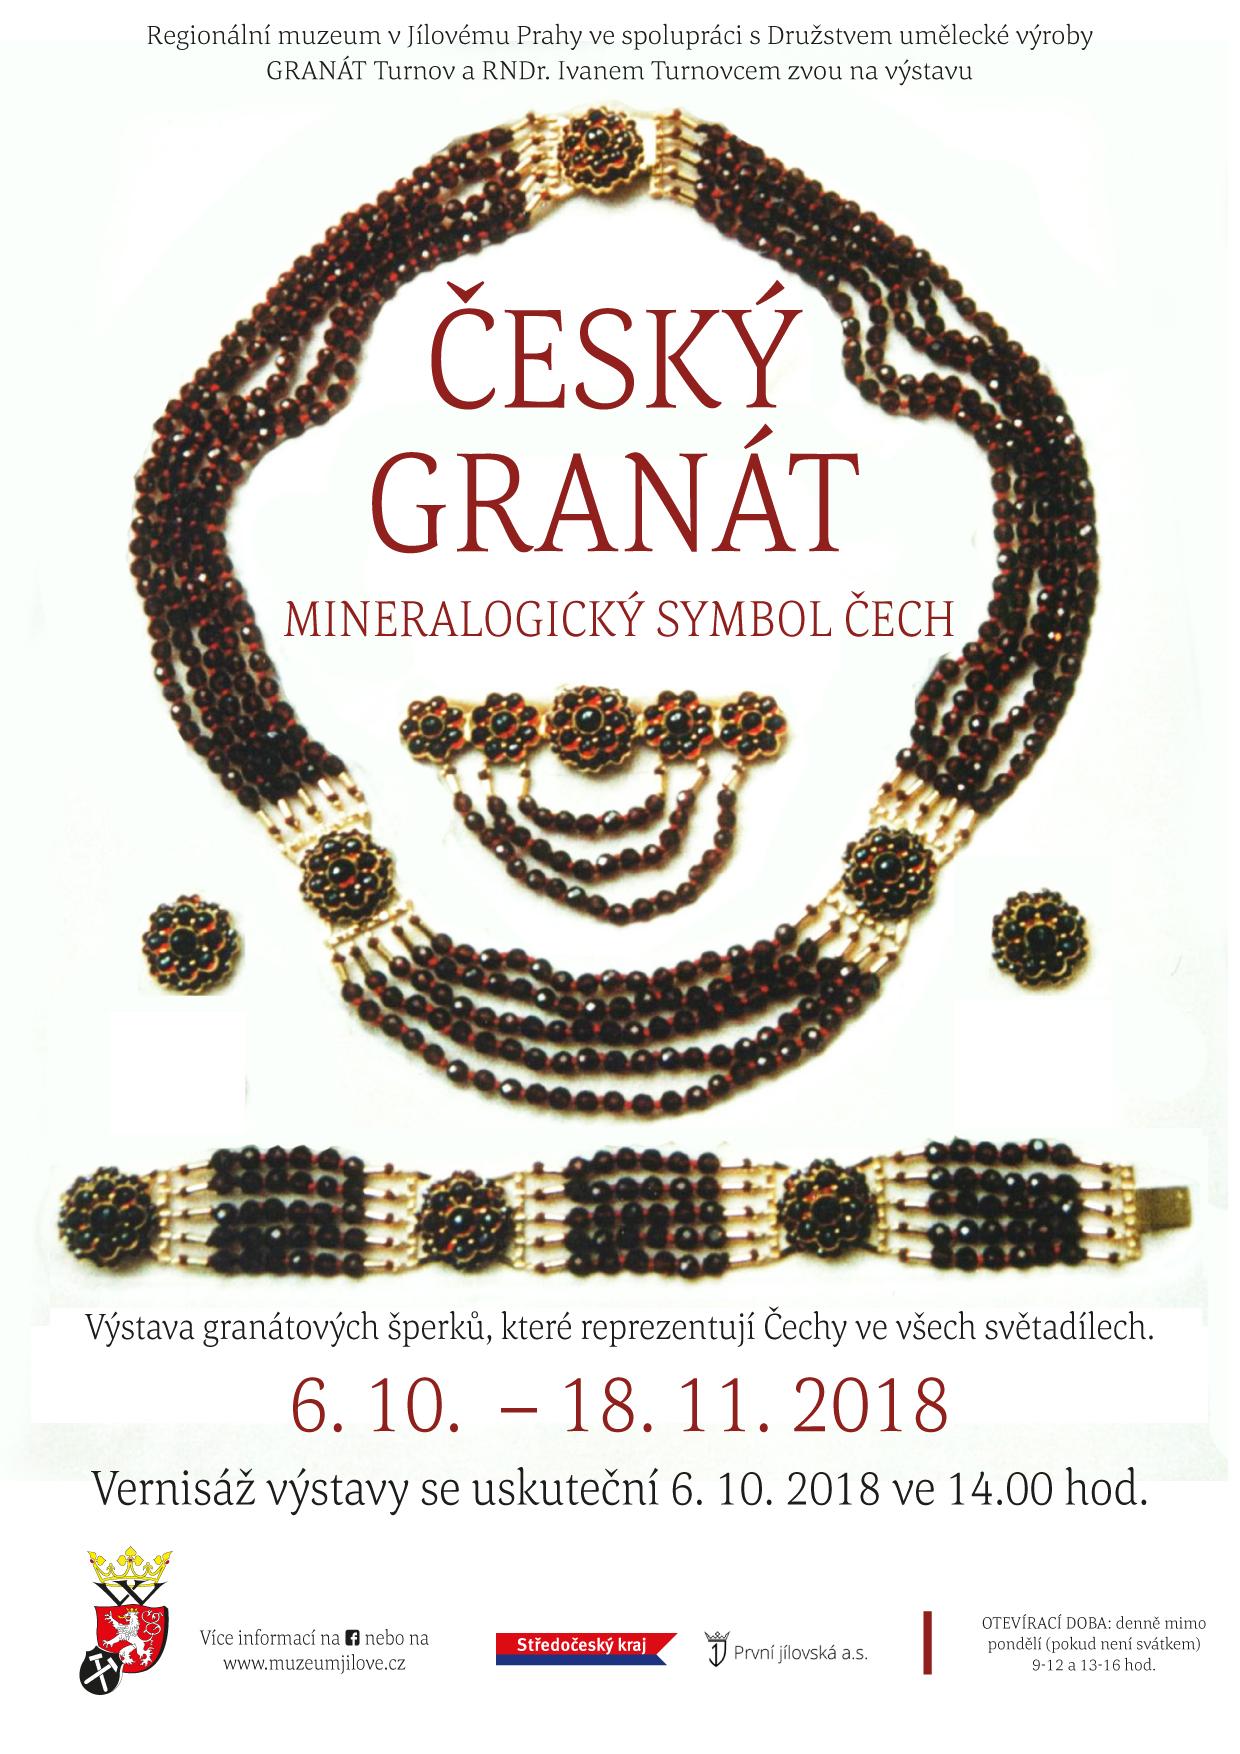 Českýgranát.MineralogickýsymbolČech.